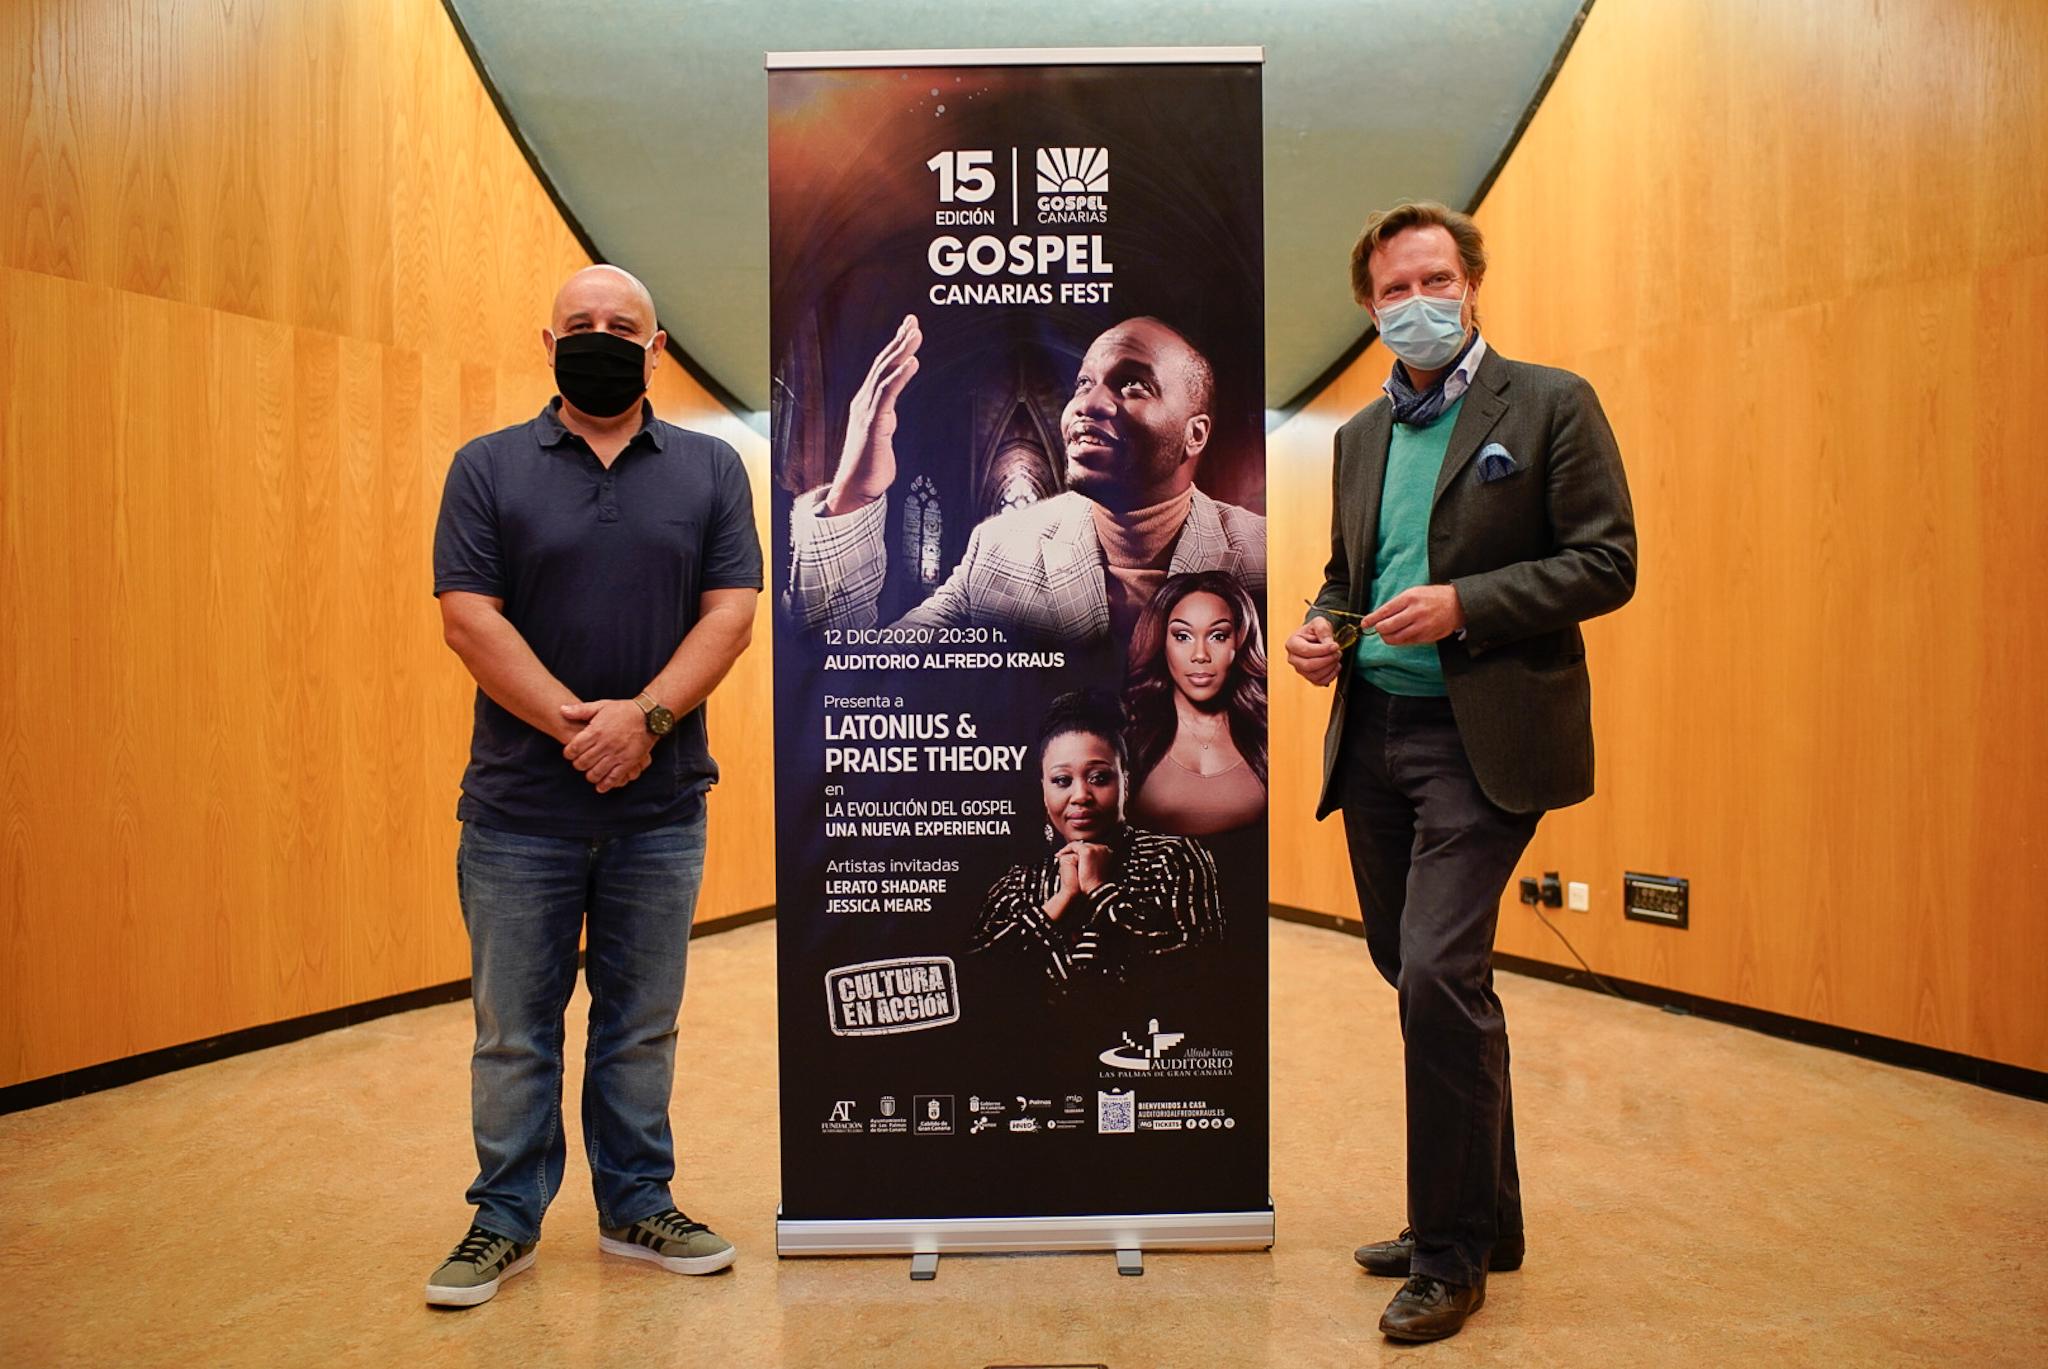 Gospel Canarias Fest / CanariasNoticias.es